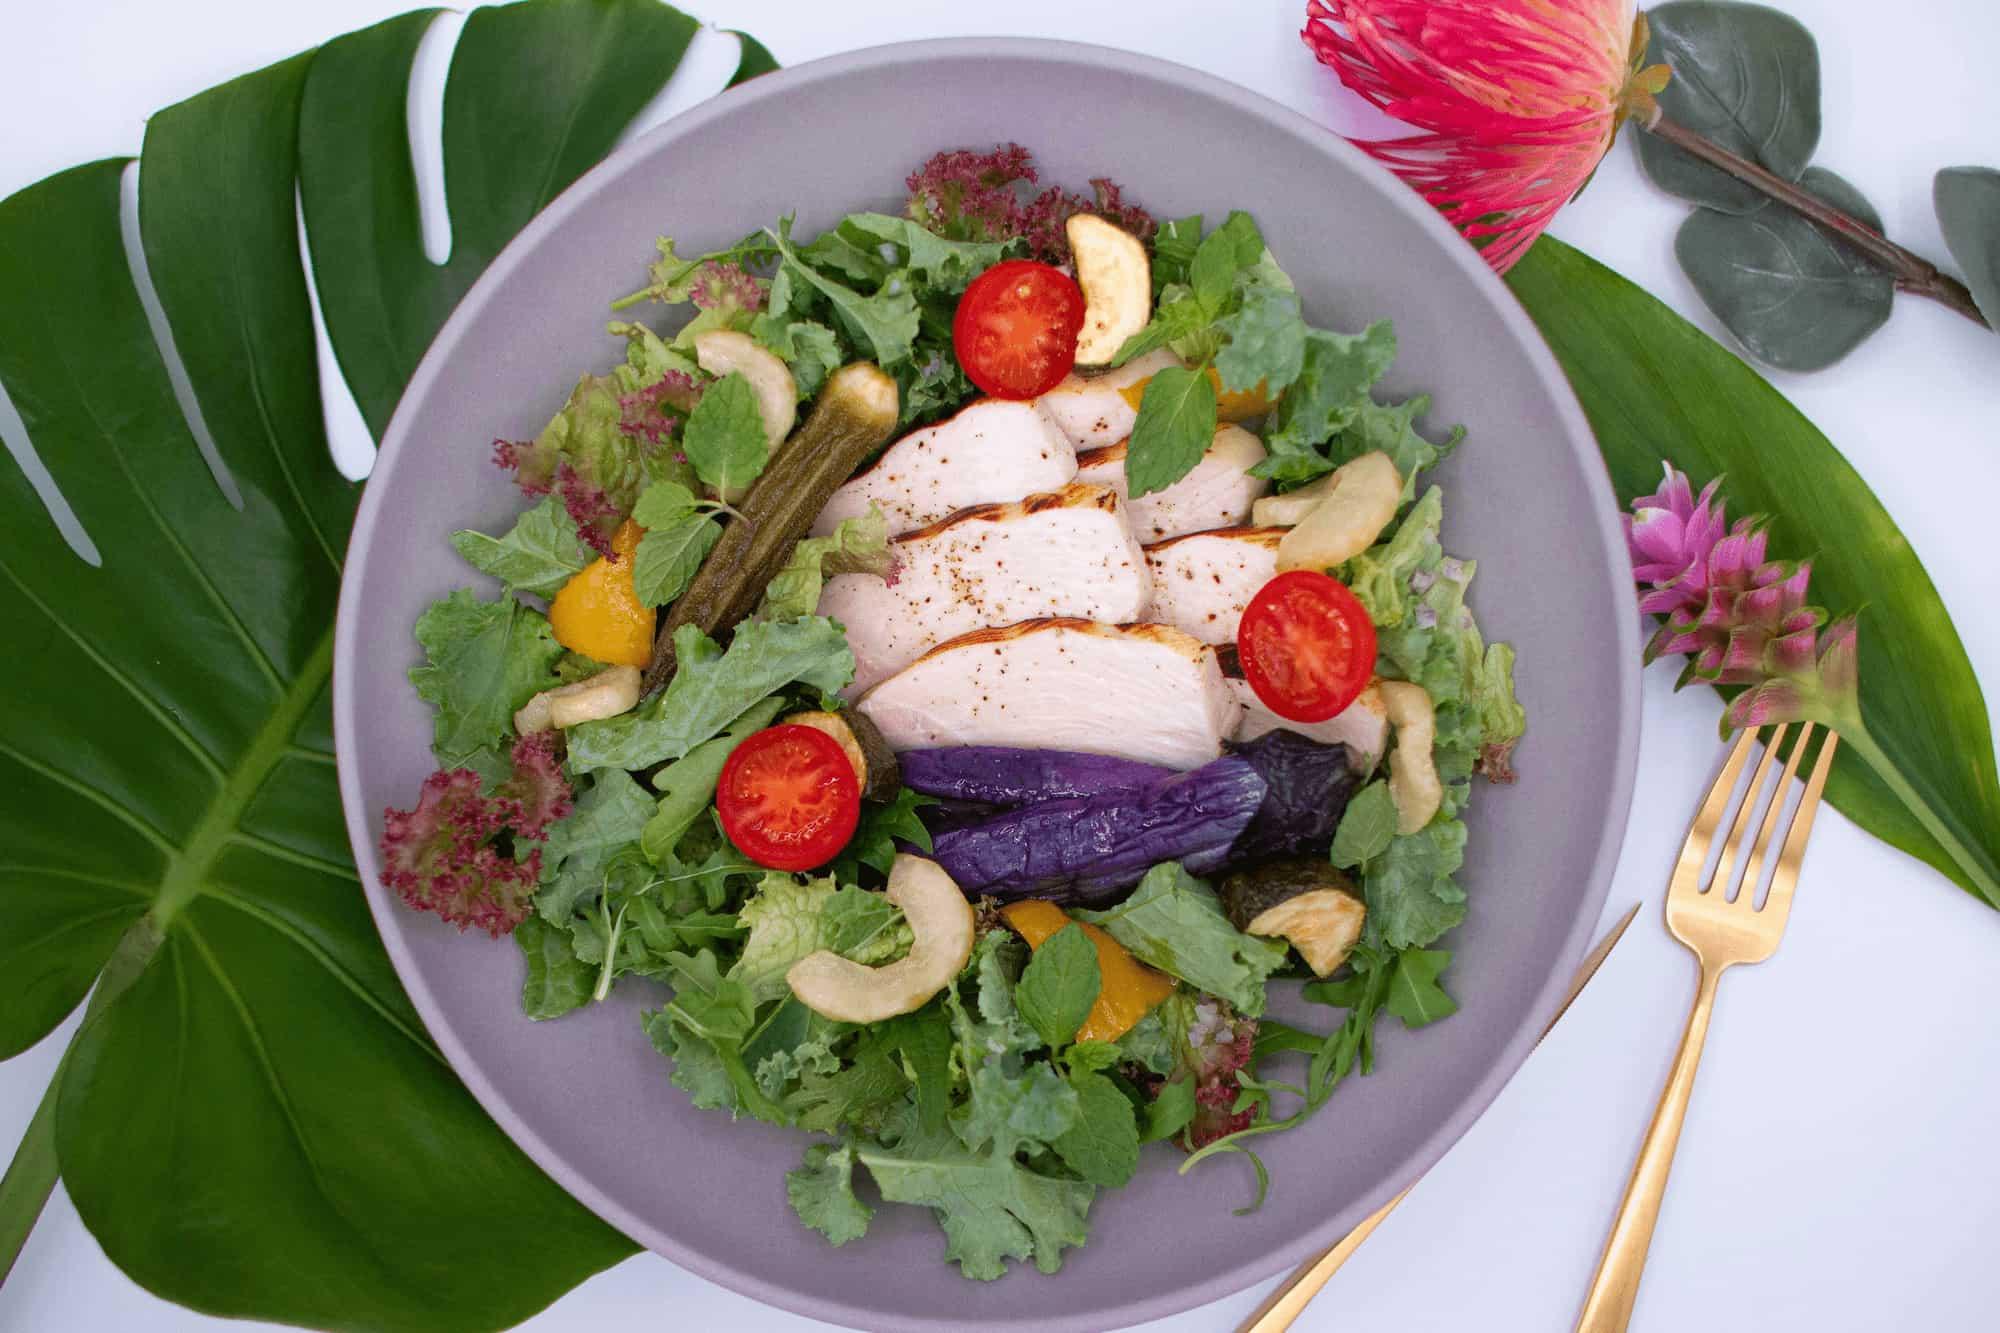 夏野菜とグリルチキンのサラダボウル ¥1320/¥1296